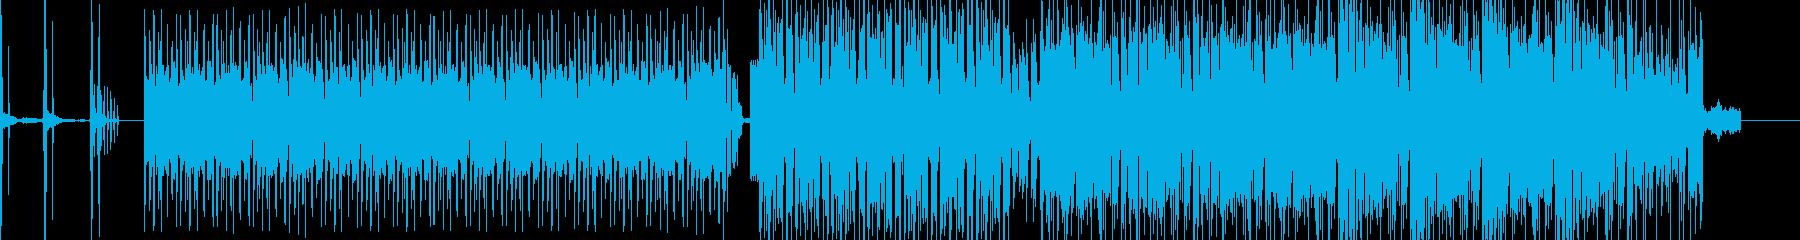 臨場感と緊張感のあるBGMの再生済みの波形